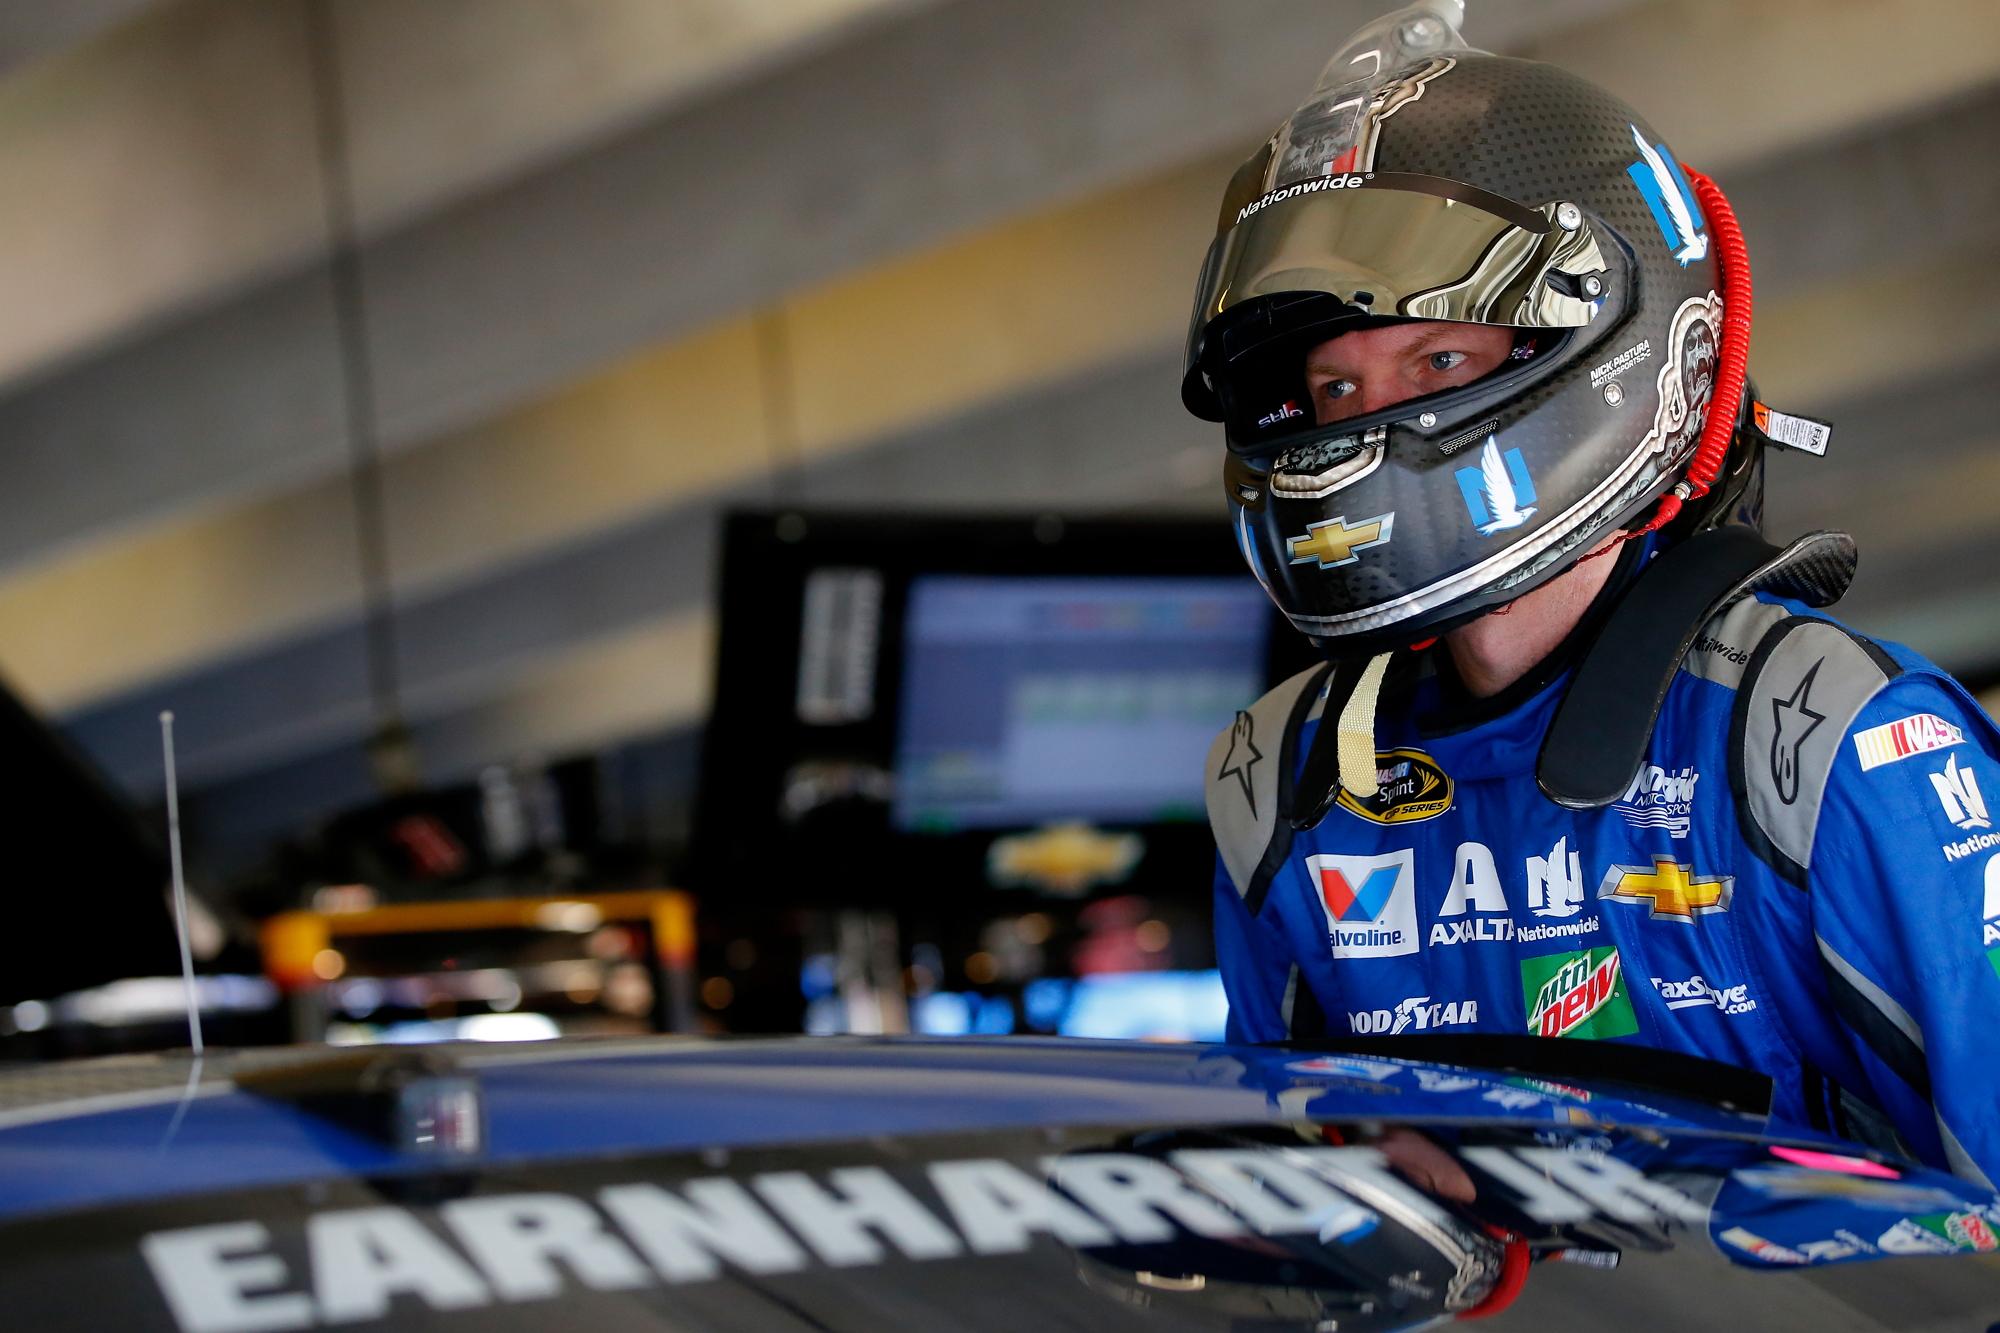 a NASCAR driver with a helmet